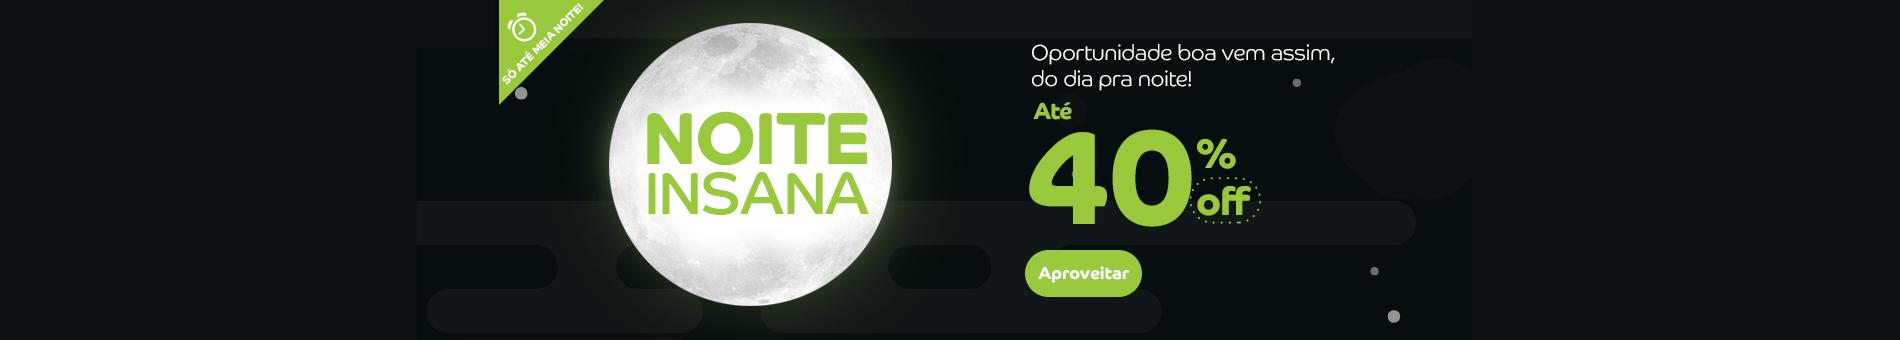 Promoção Interna - 535 - noiteinsana_generico_home1_28062016 - generico - 1